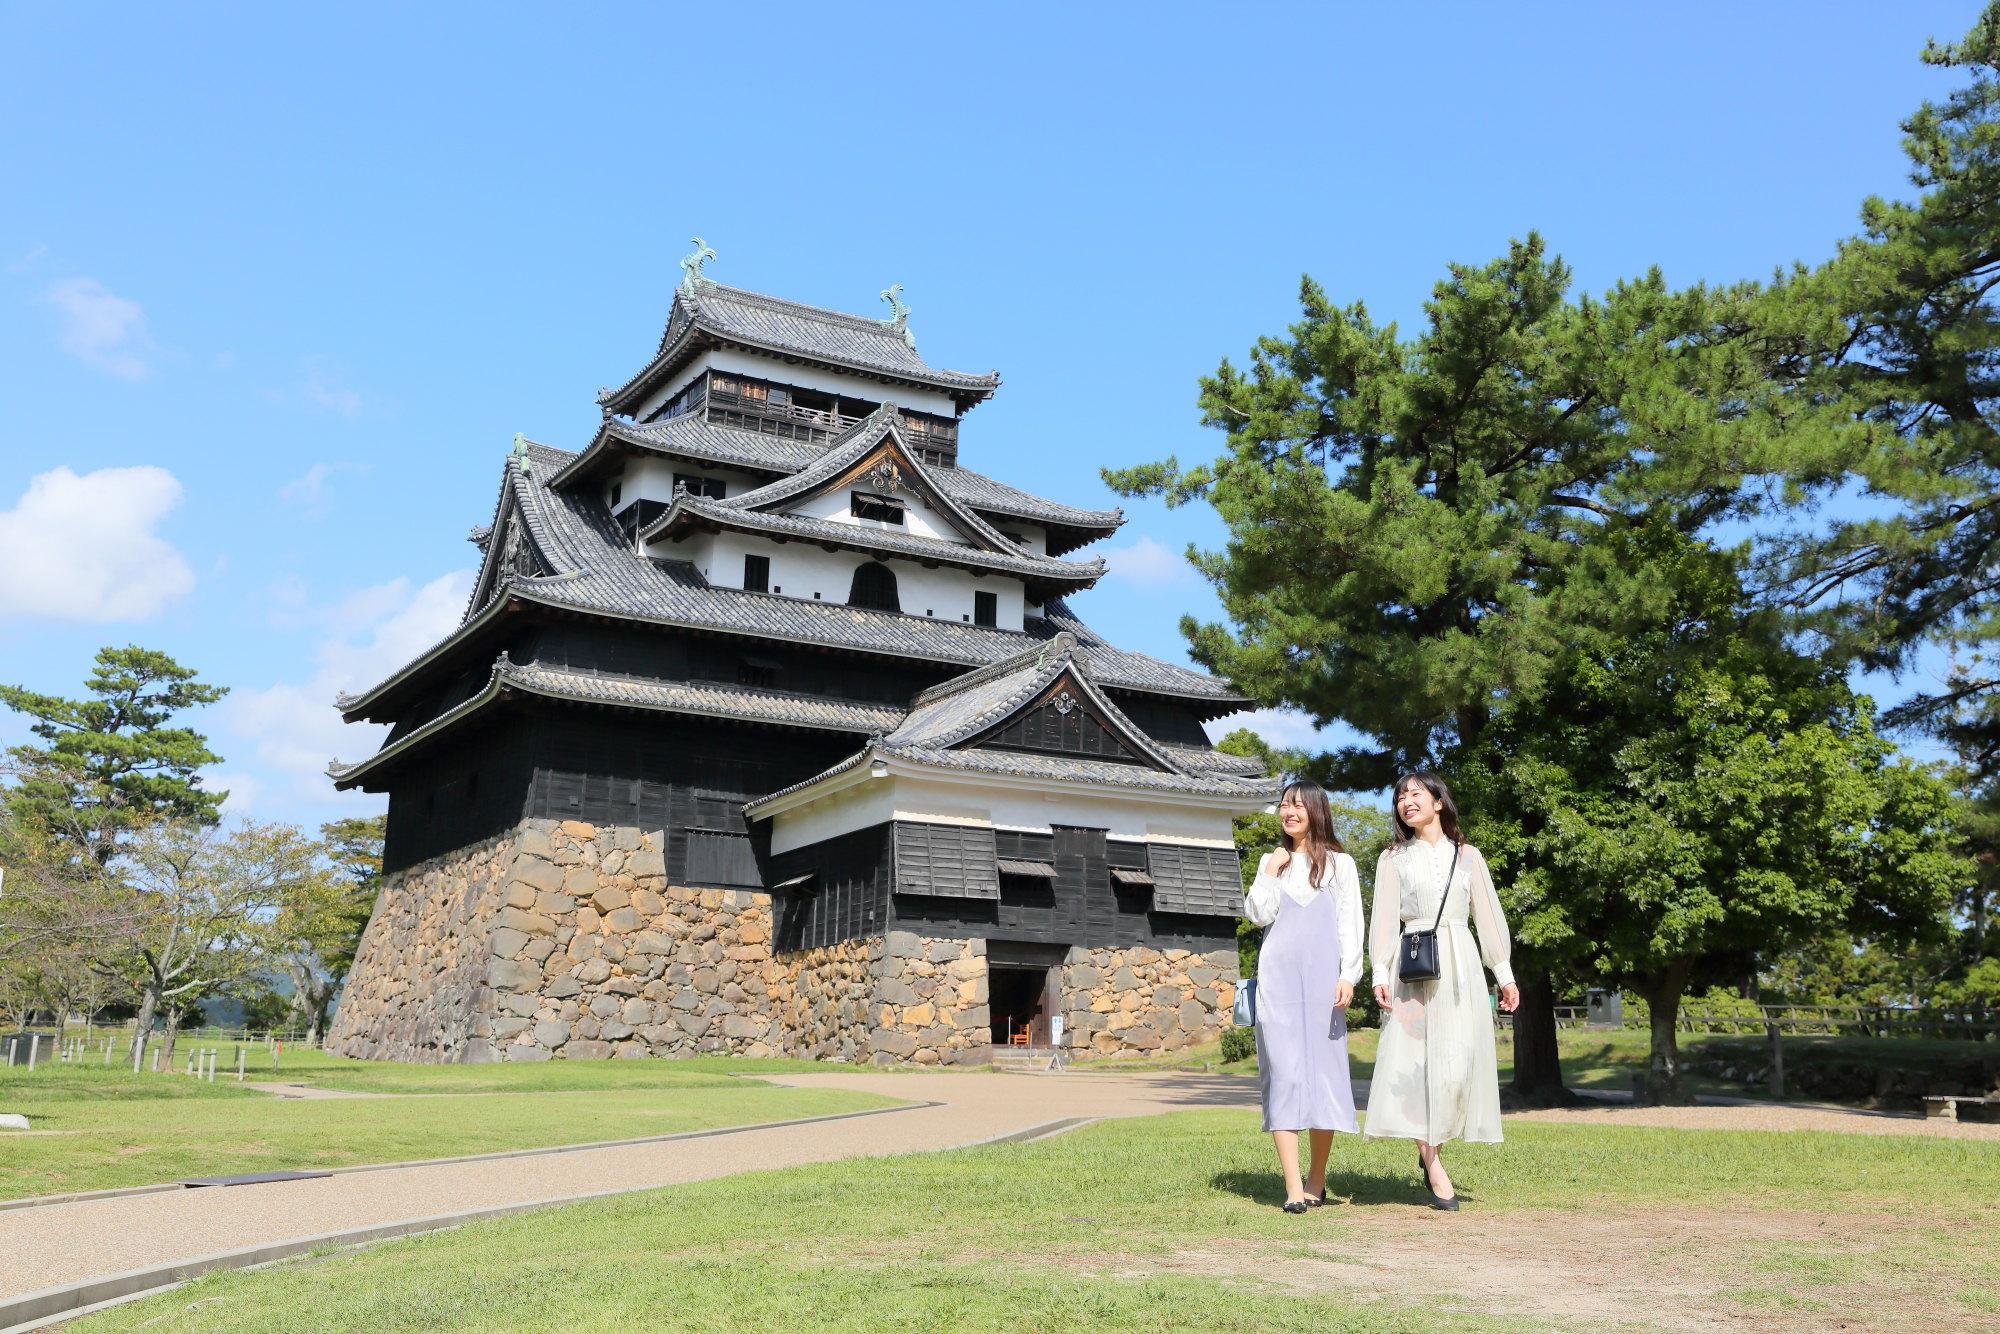 昨年中止の怪談めぐり「松江ゴーストツアー」が復活 2021年7月開催へ(島根県)